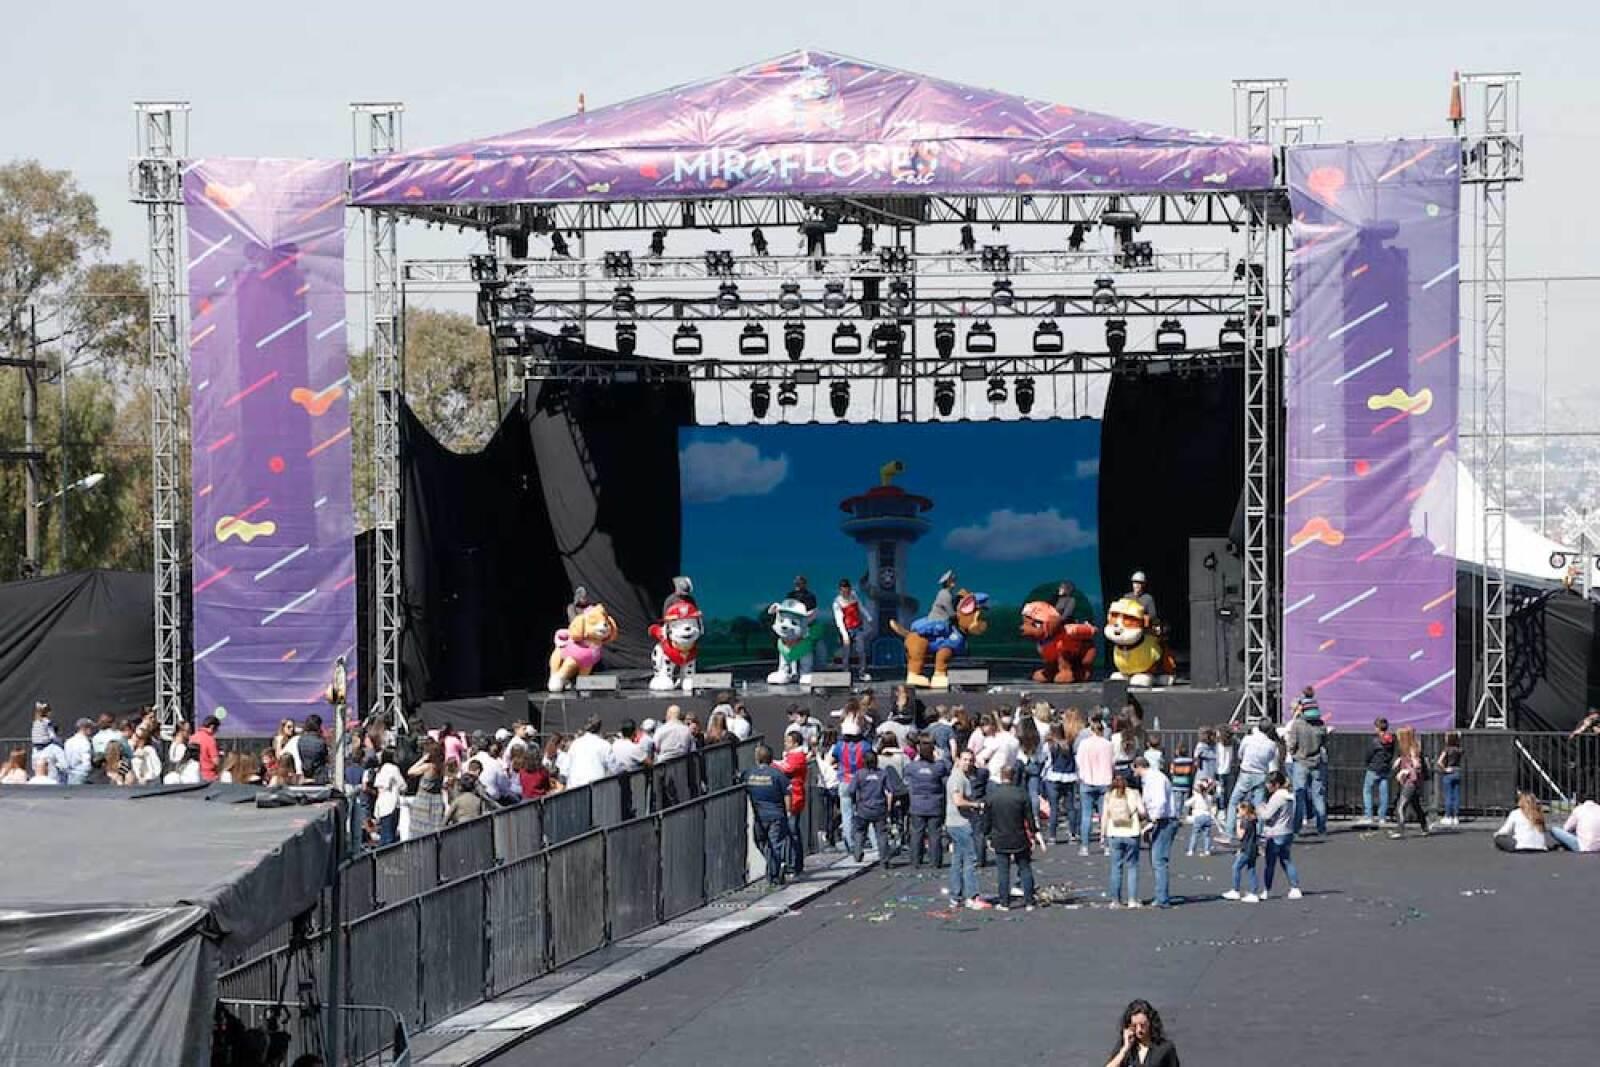 Miraflores Fest